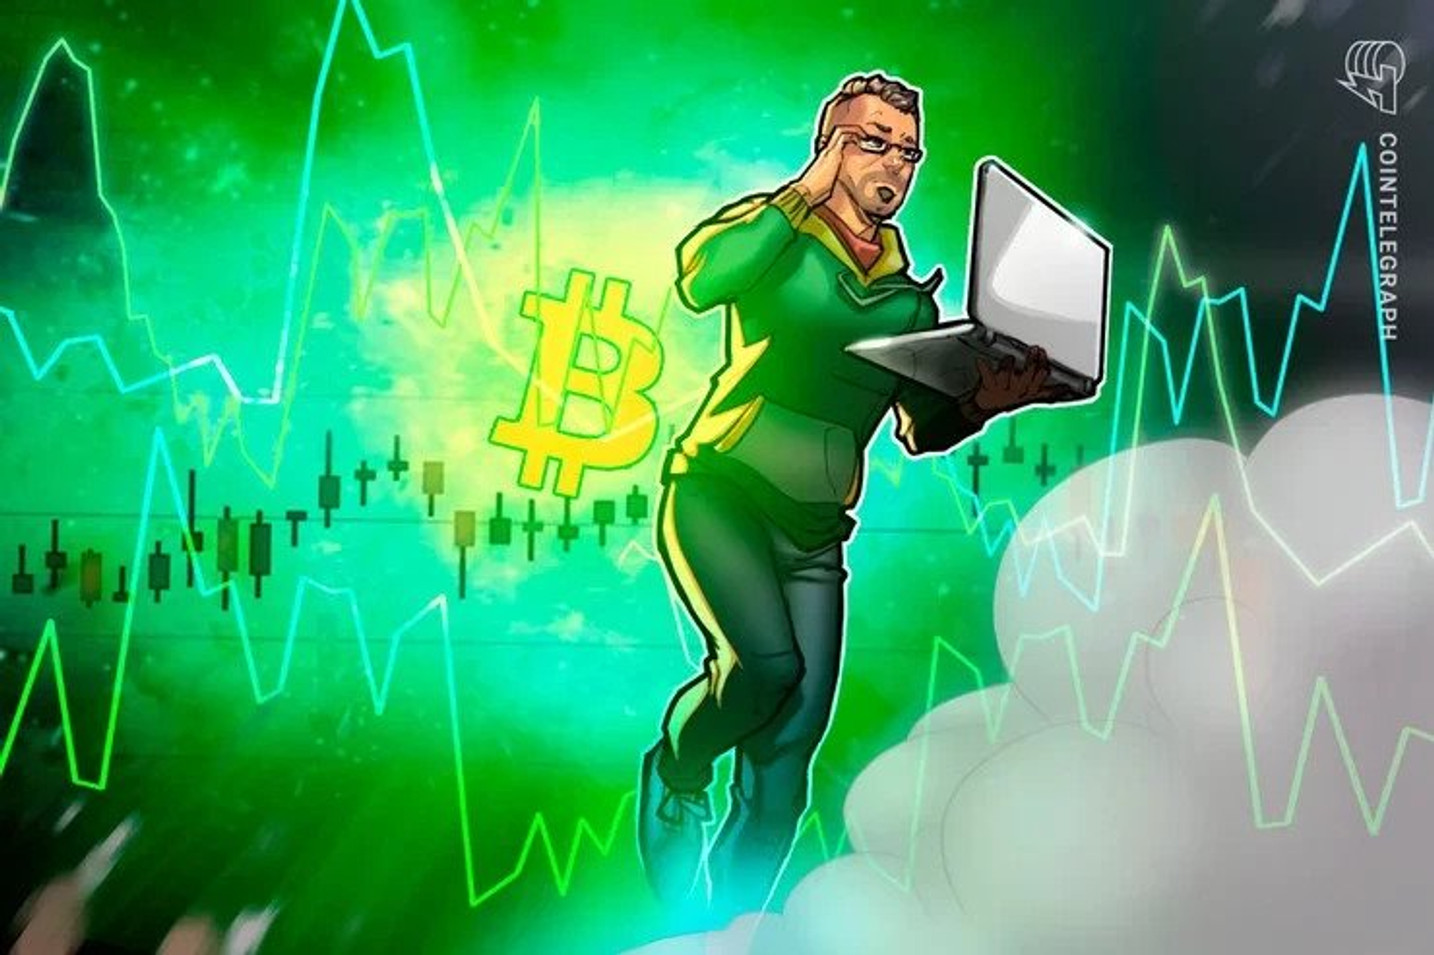 'Mercados vão em busca de liquidez; Bitcoin e ouro devem aumentar correlação', diz diretor da CoinShares